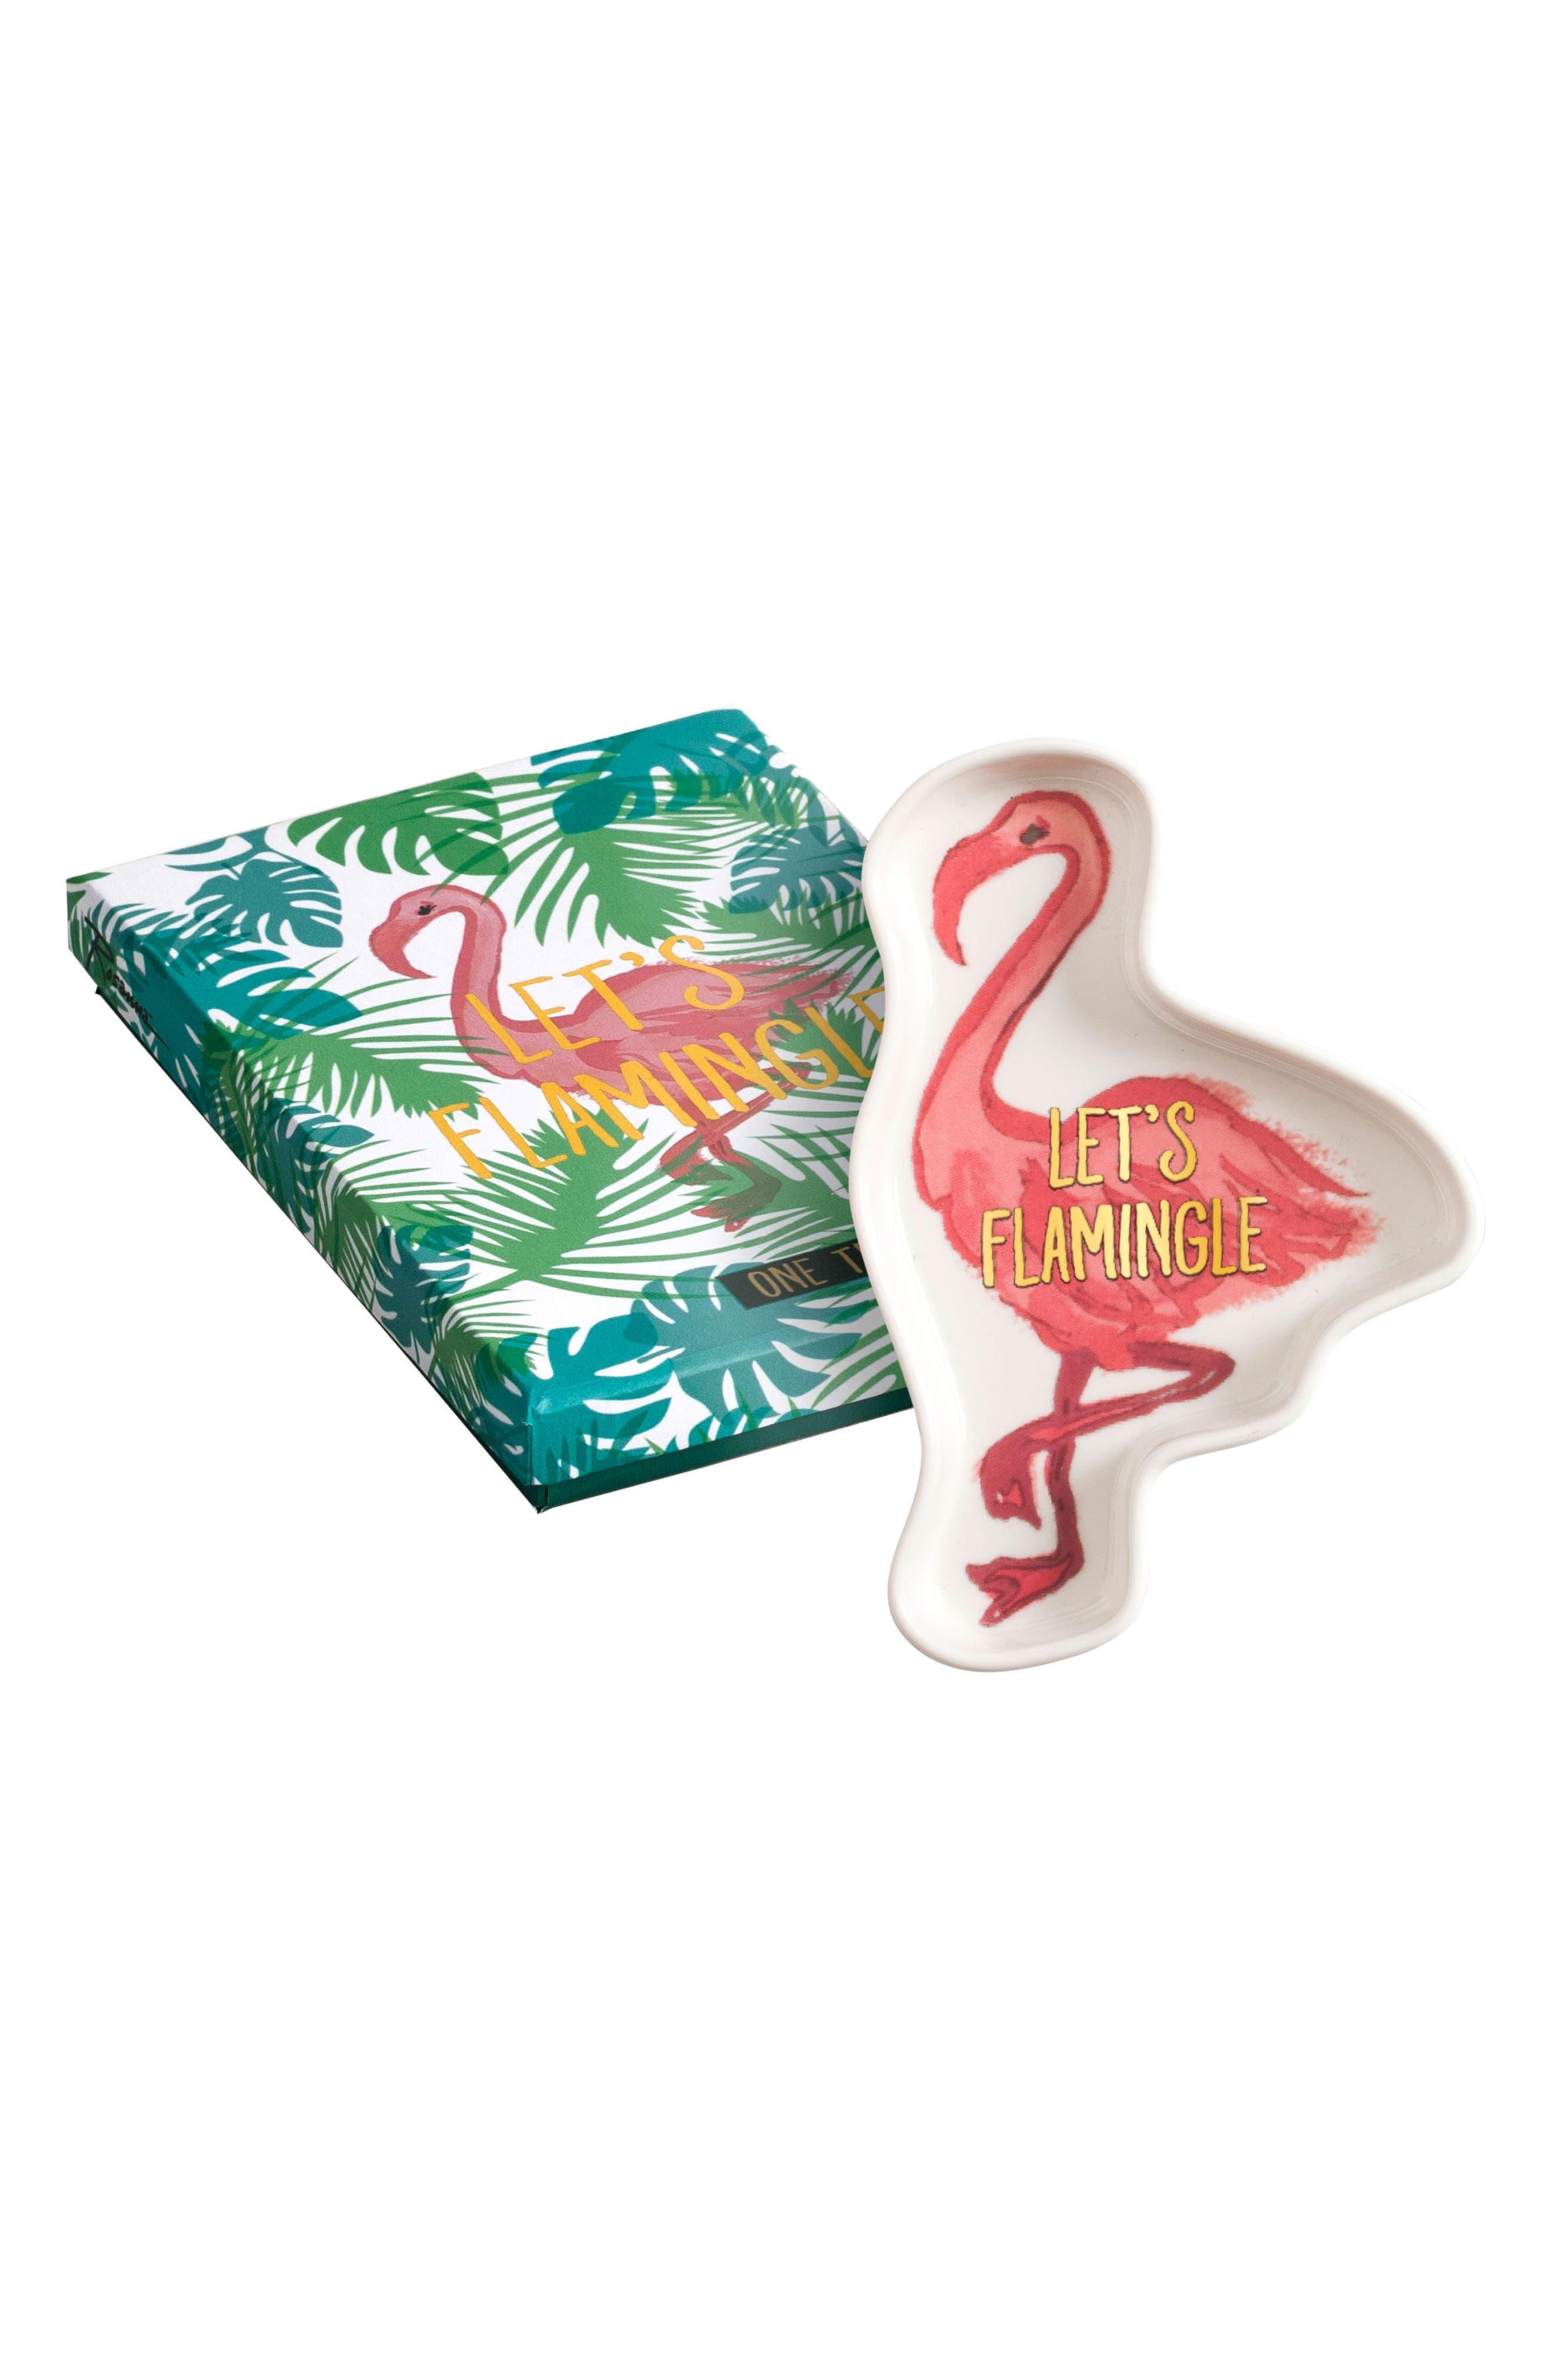 Main Image - Rosanna Be Wild Flamingo Trinket Tray